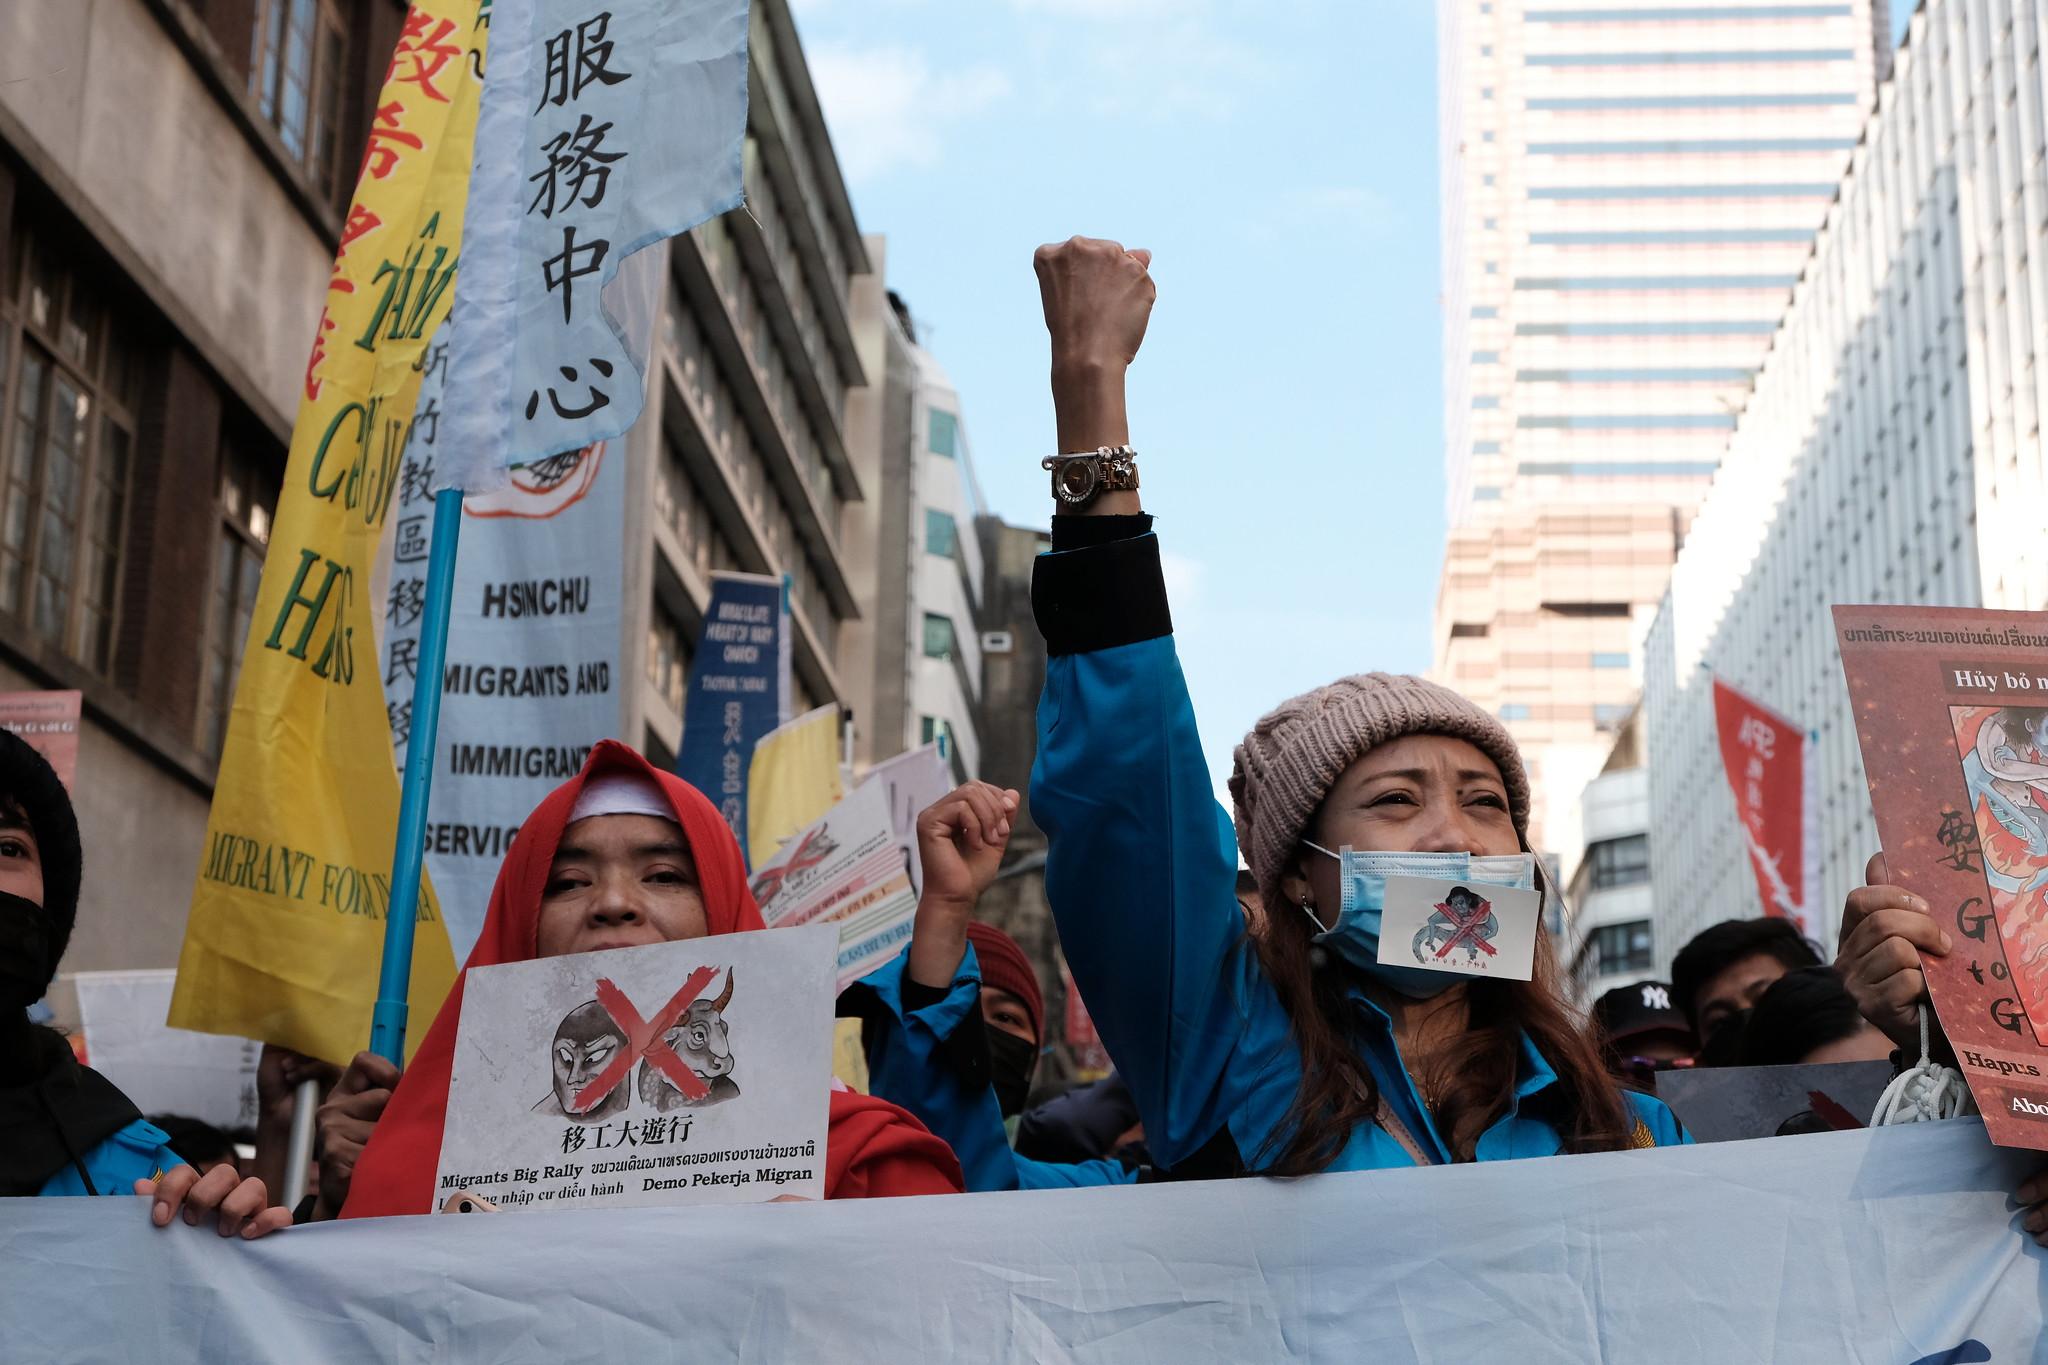 「我們也是人!」移工遊行要求廢除私人仲介制度 | 苦勞網